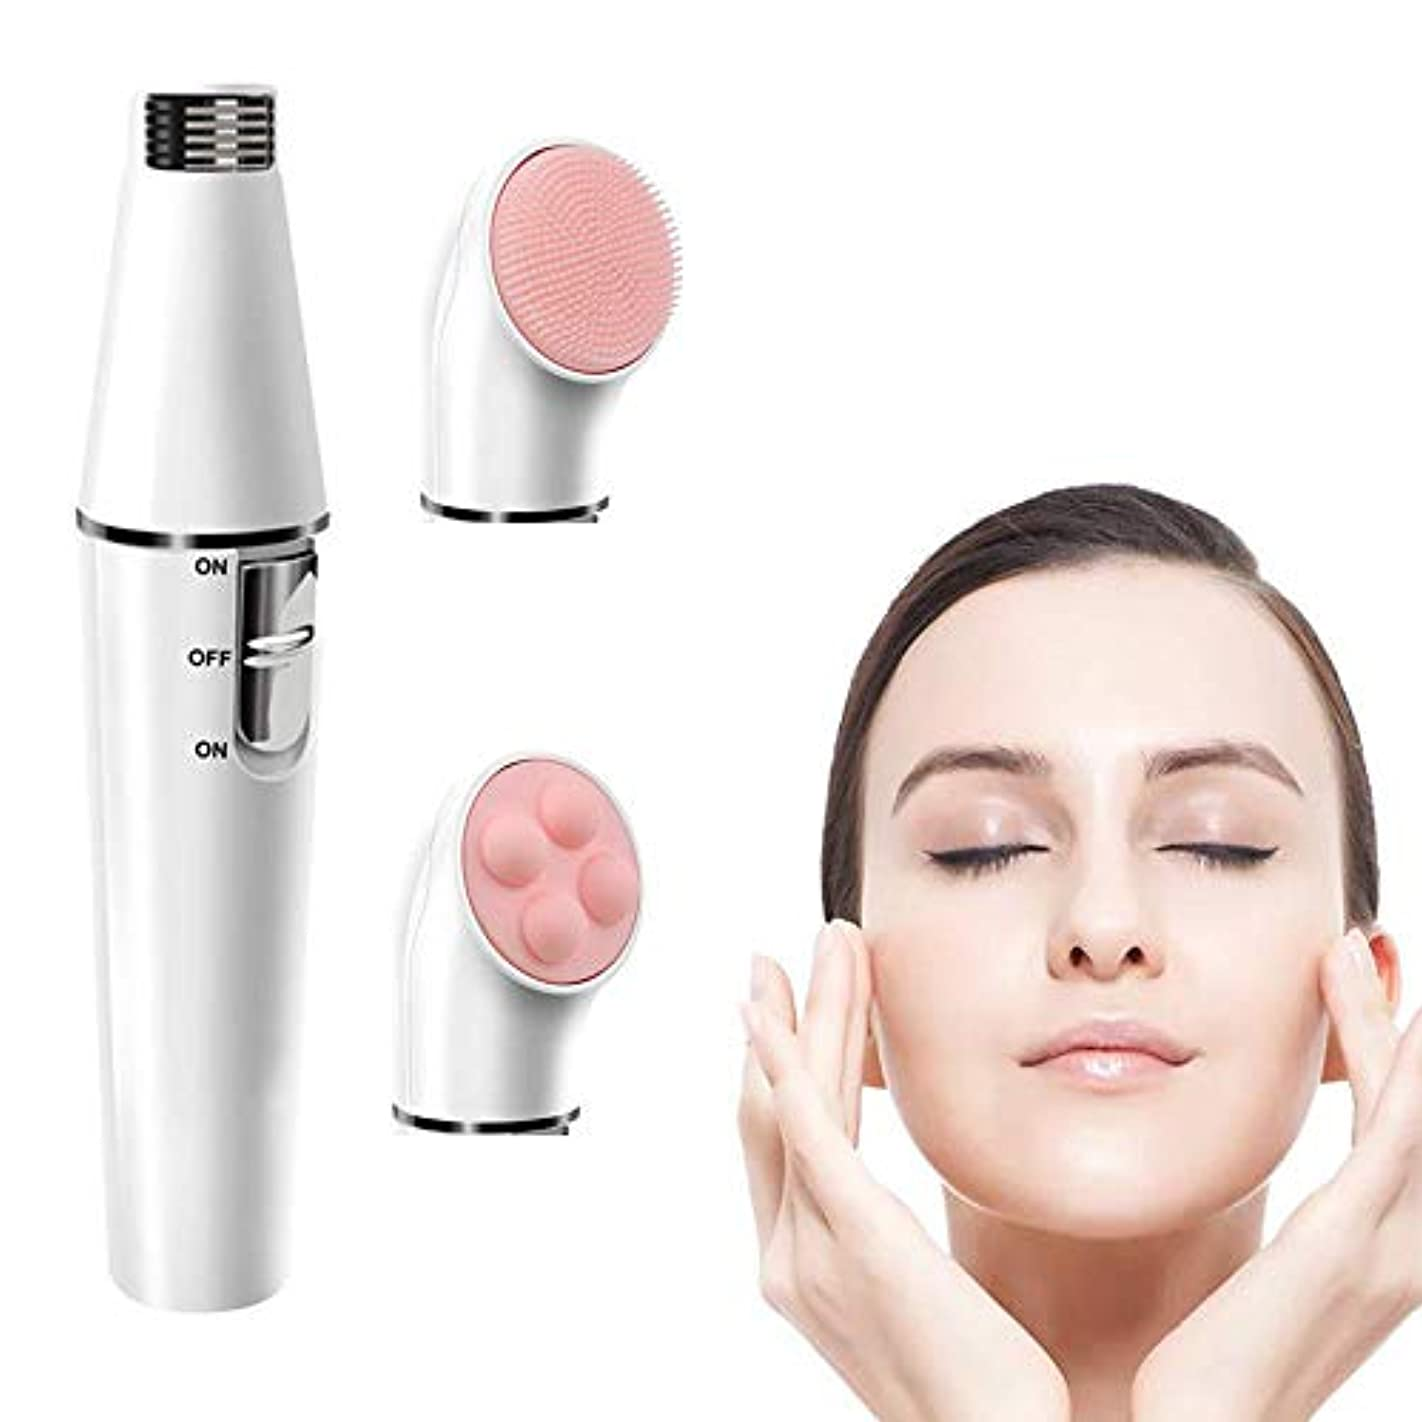 サンプル荒らす霊女性のための顔の脱毛剤、ホワイト/ブロンズ - 自宅でサロンの美しさのための3-1 - 顔の脱毛、クレンジング&スキントーニングシステム